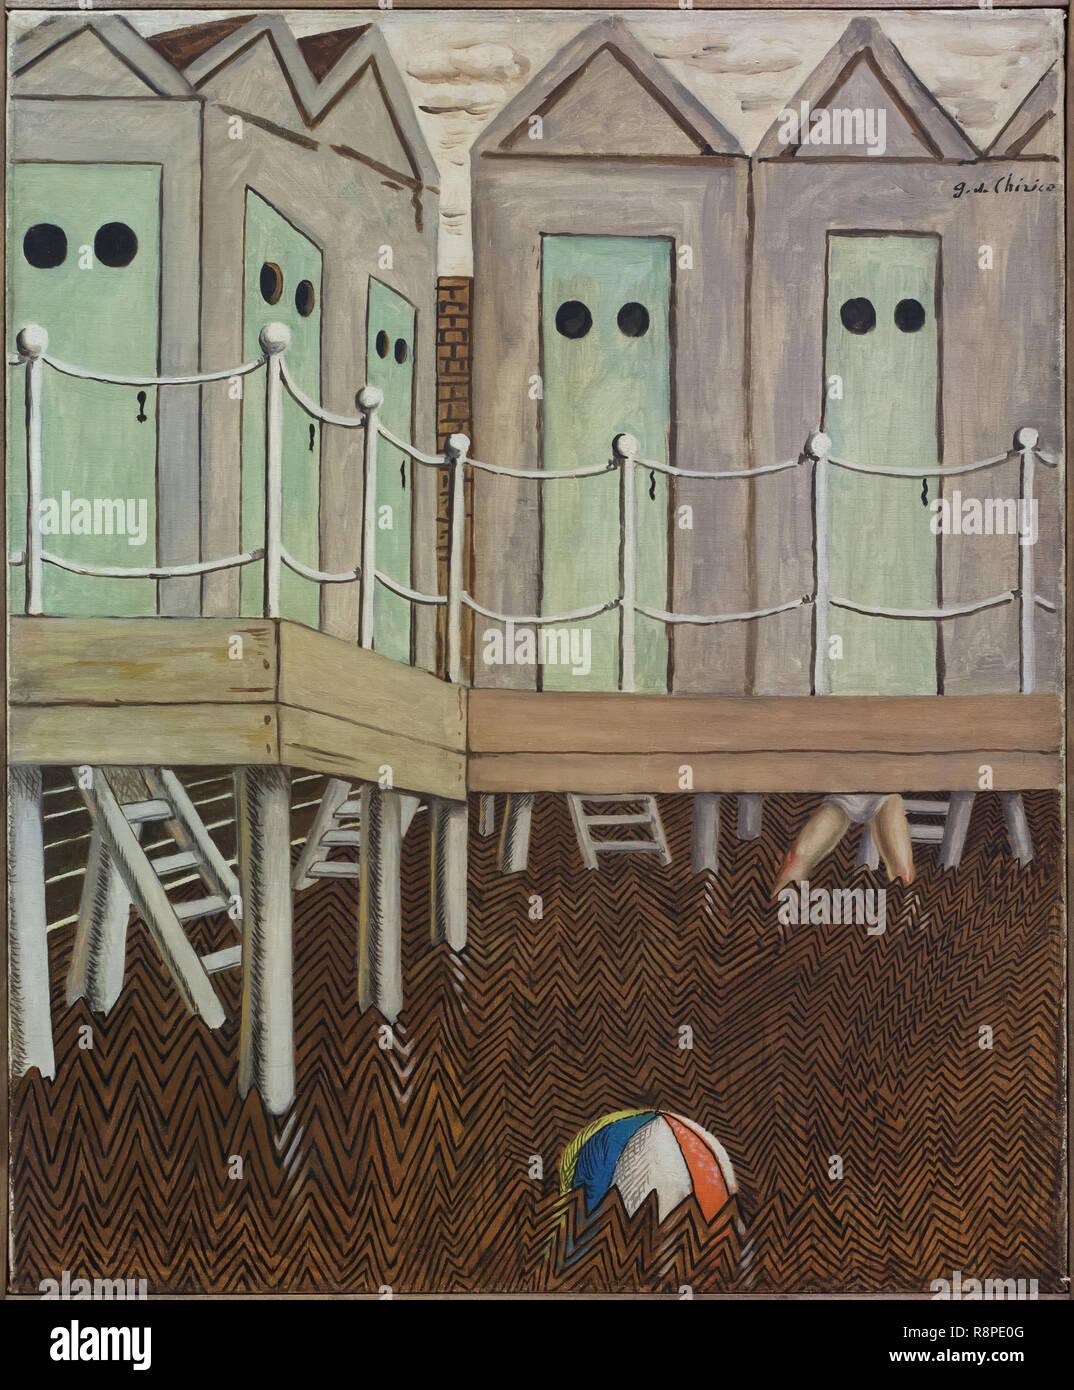 Frau Mit Blauen Augen 1918 Von Amedeo Modigliani 1884 1920